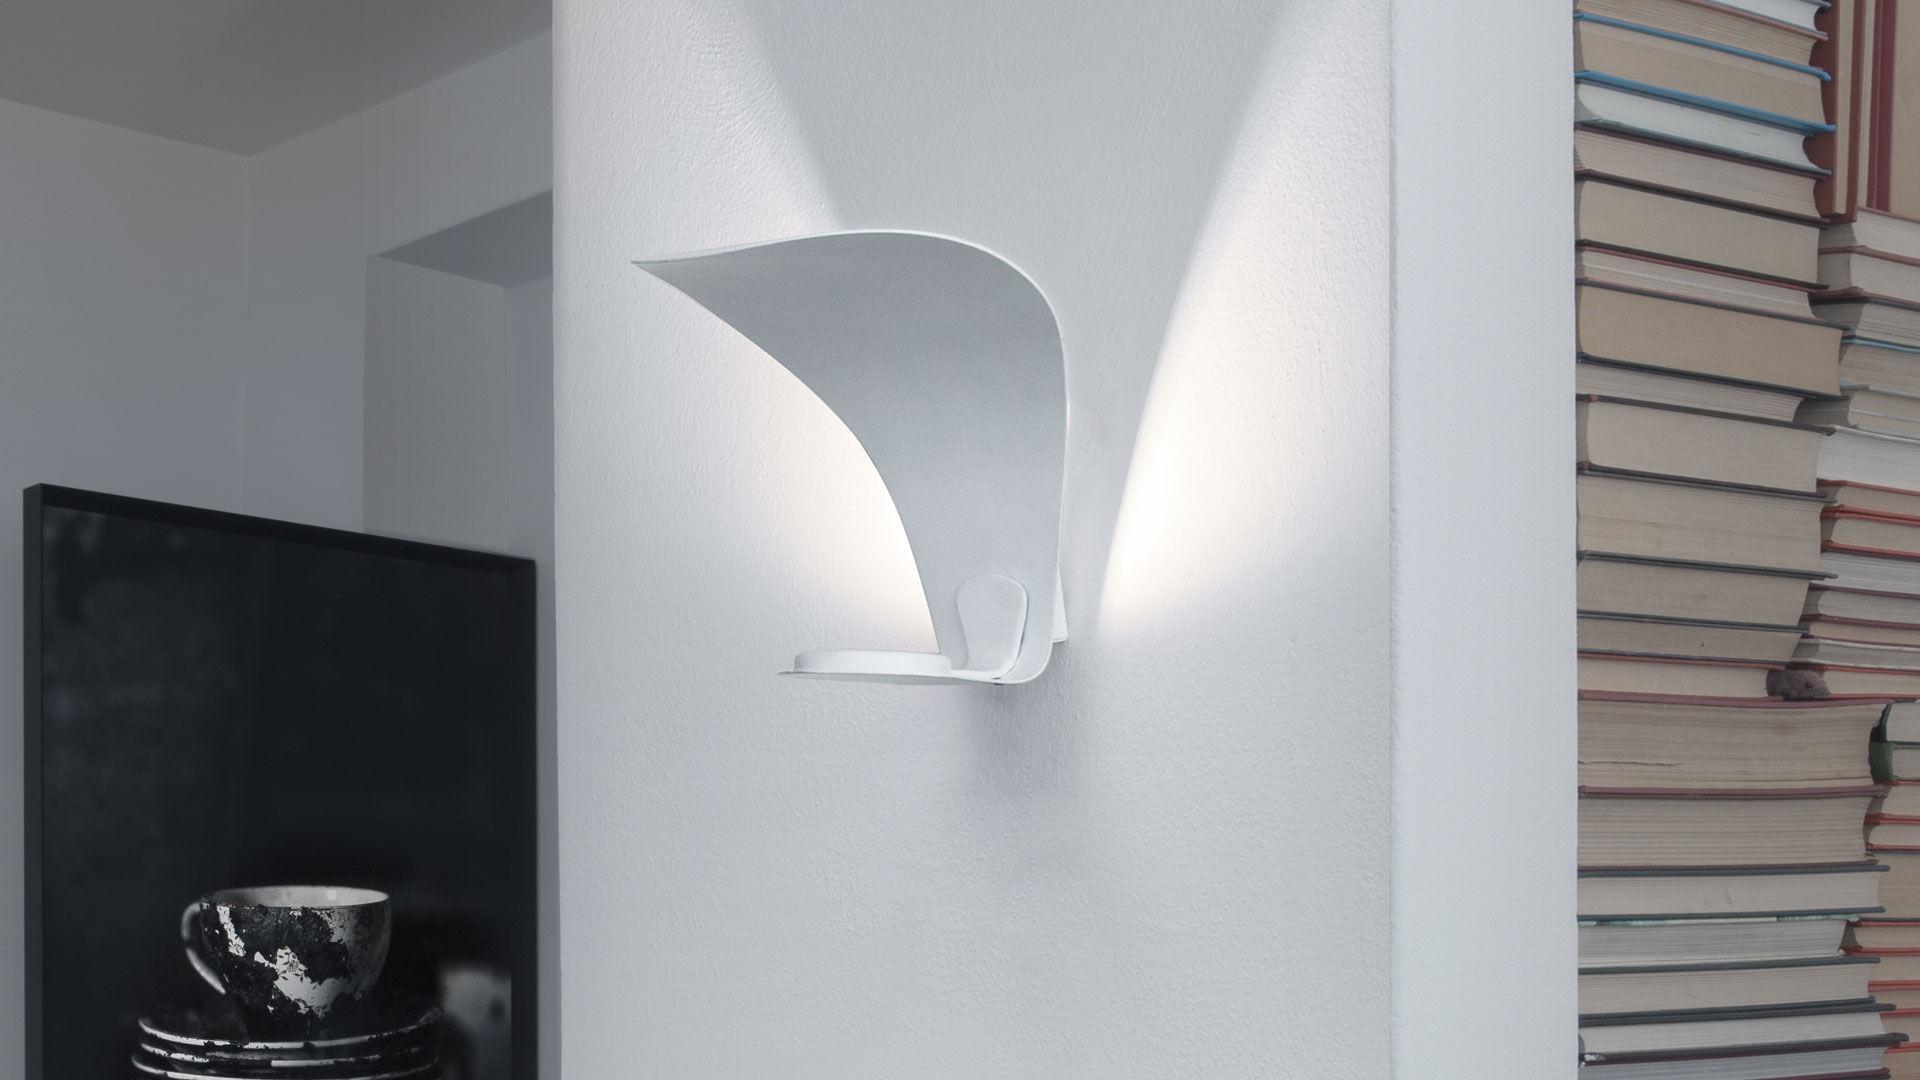 Plafoniera Fiori Bianca : Applique design originale in metallo led bianca voilÀ by